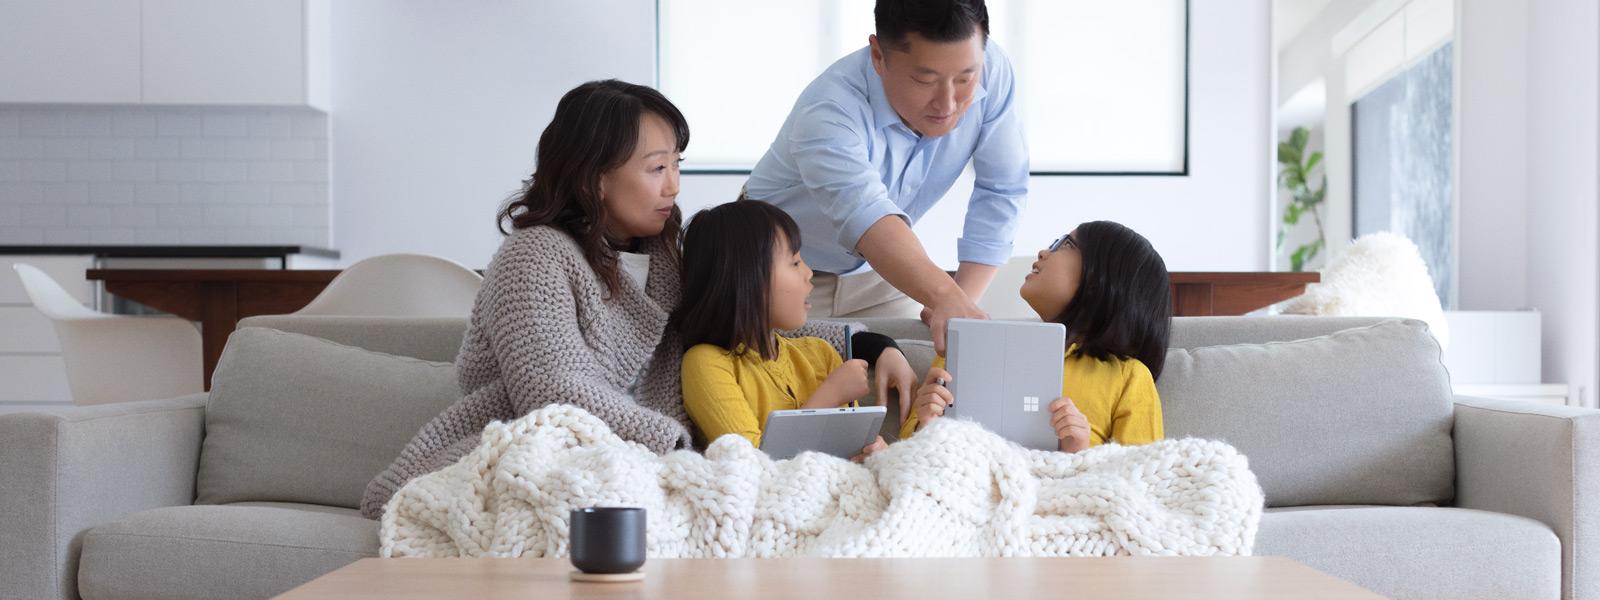 두 명의 아이가 두 개의 Surface Go 장치를 들고 소파에 앉아 있는 가족의 모습